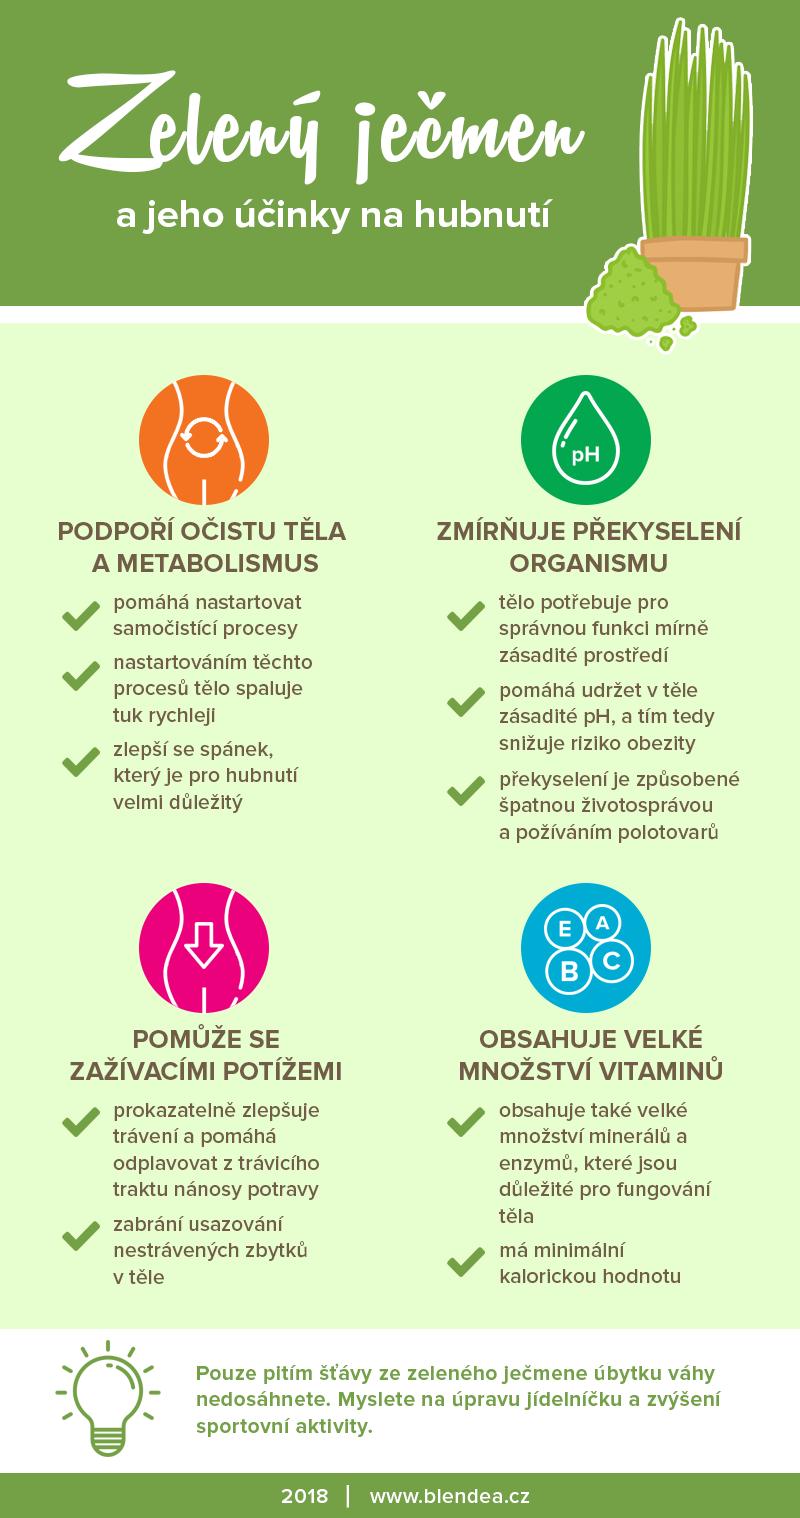 zelený ječmen účinky